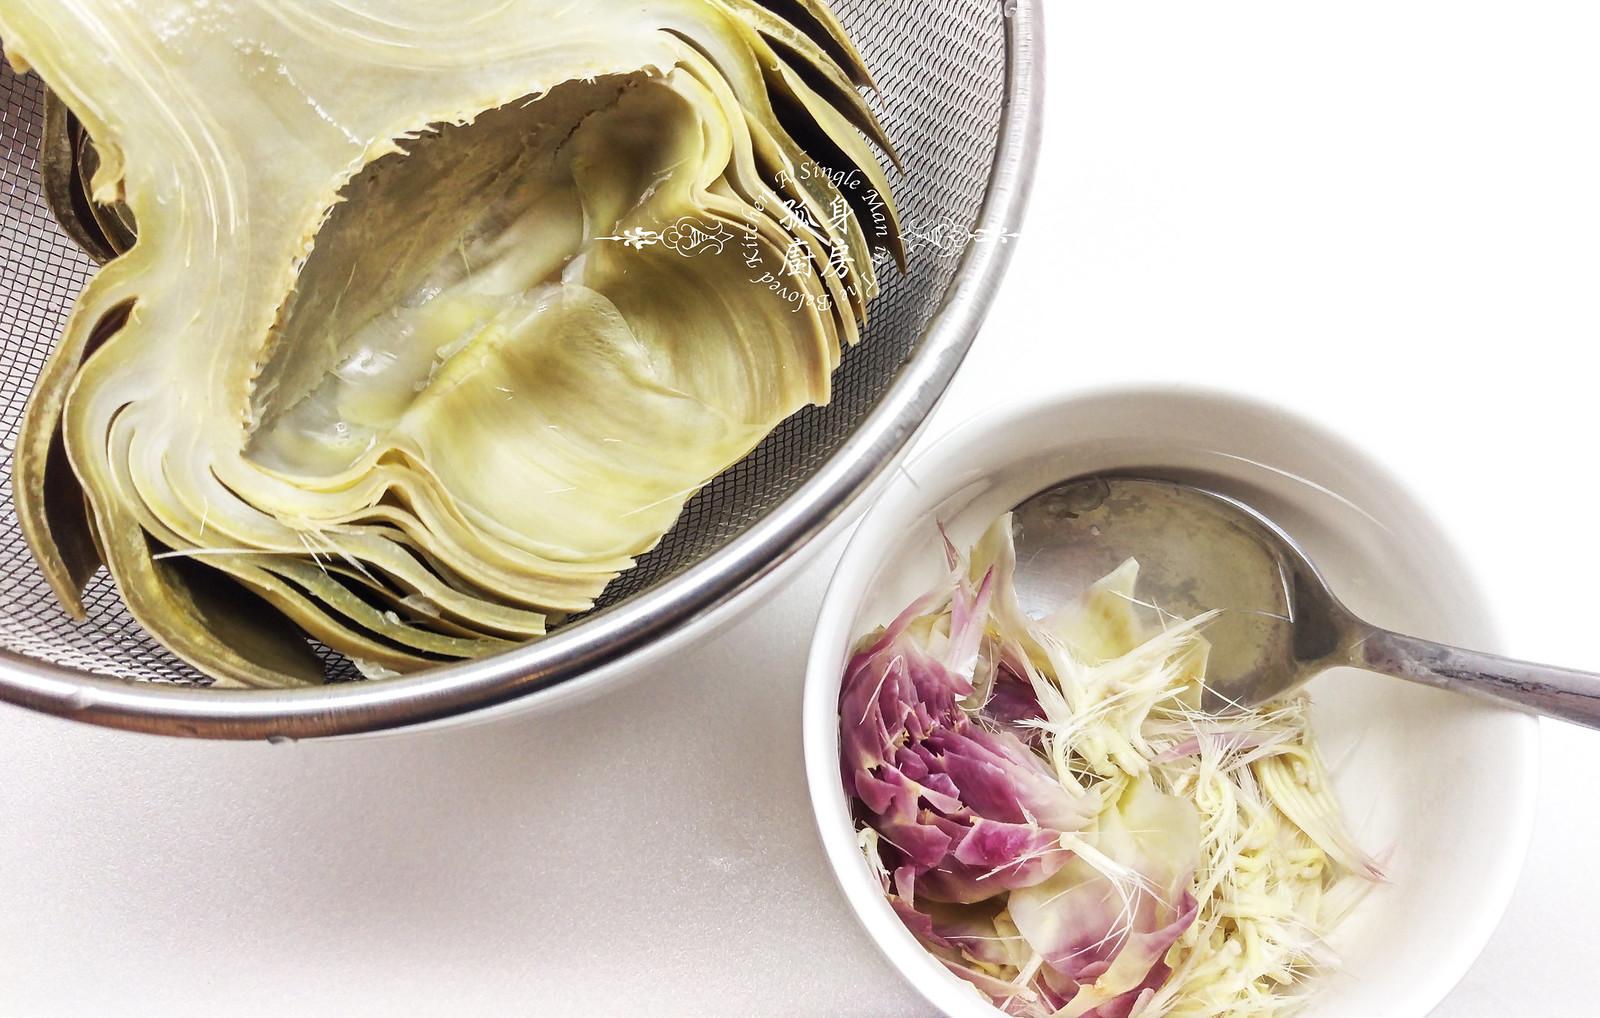 孤身廚房-青醬帕瑪森起司鑲烤朝鮮薊佐簡易油醋蘿蔓沙拉12